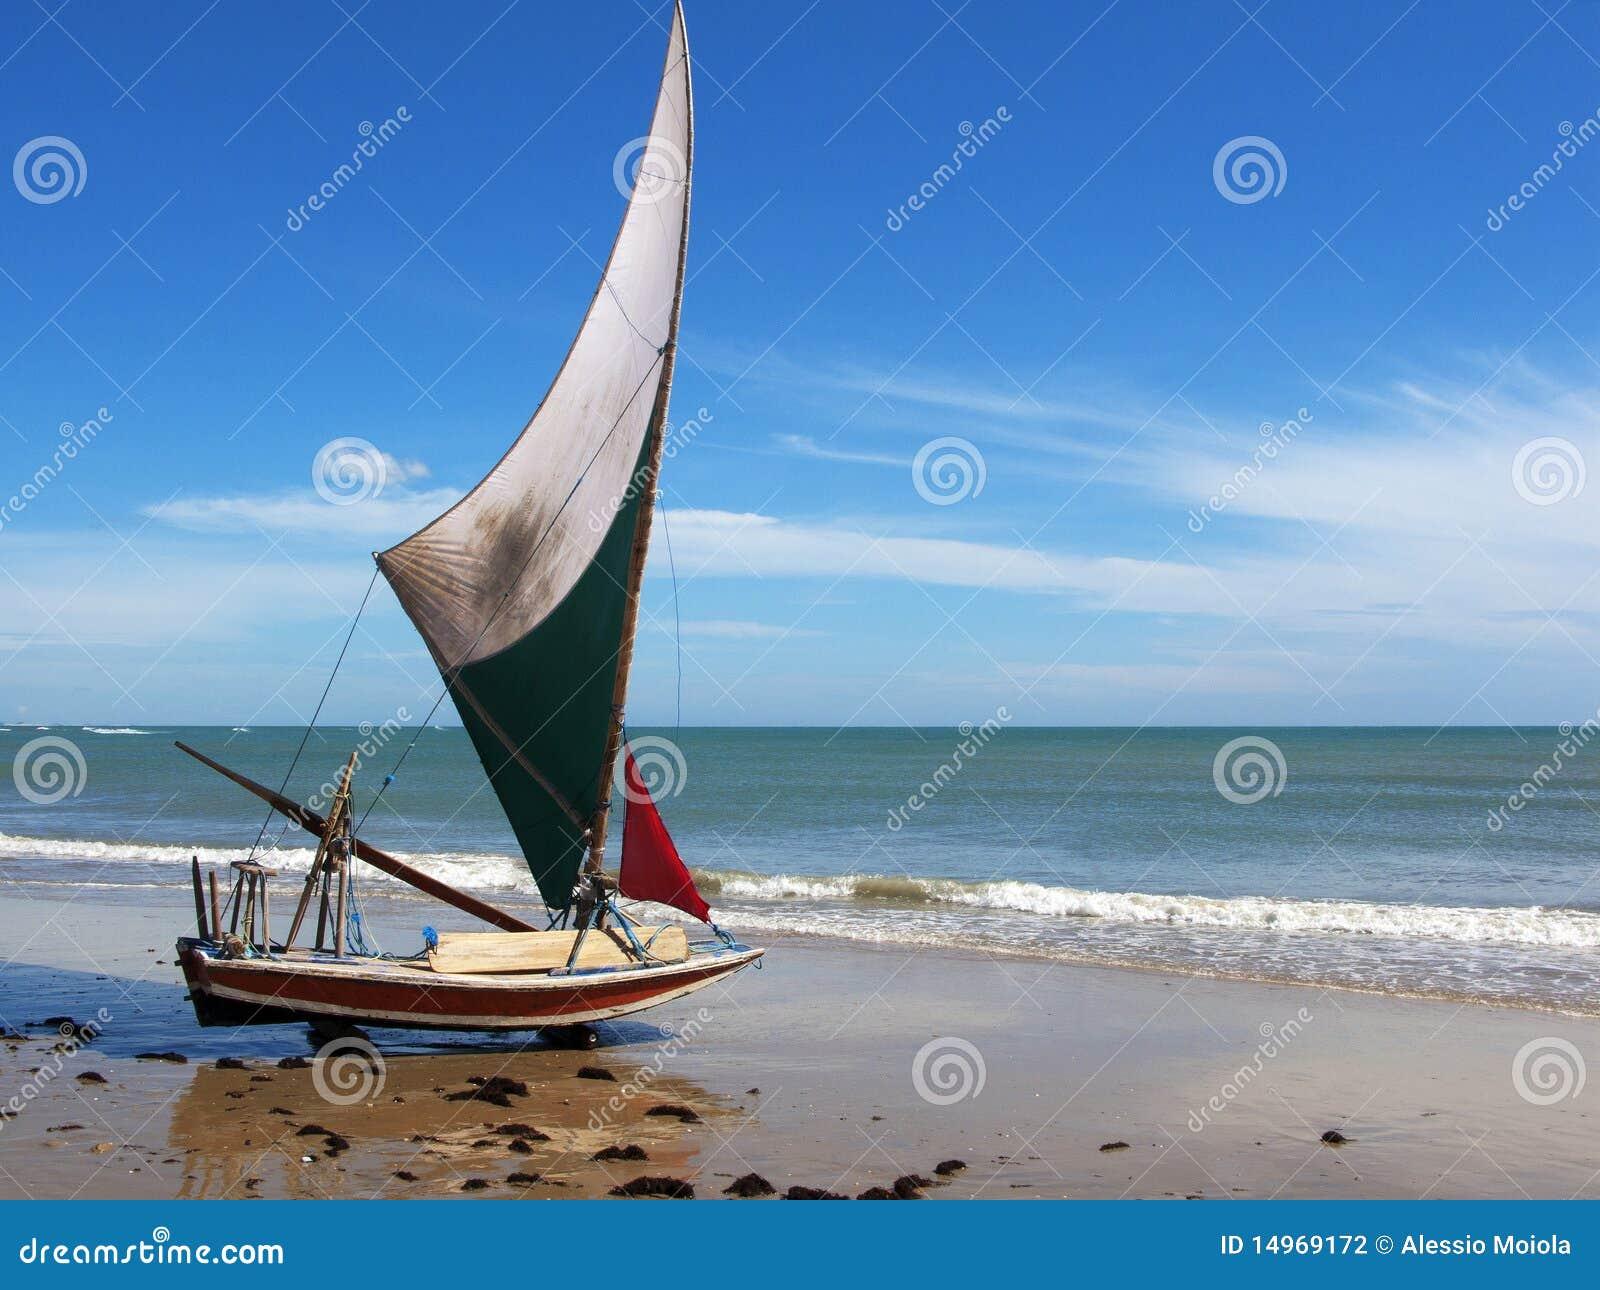 Jangada small sailboat on the beach, Brazil